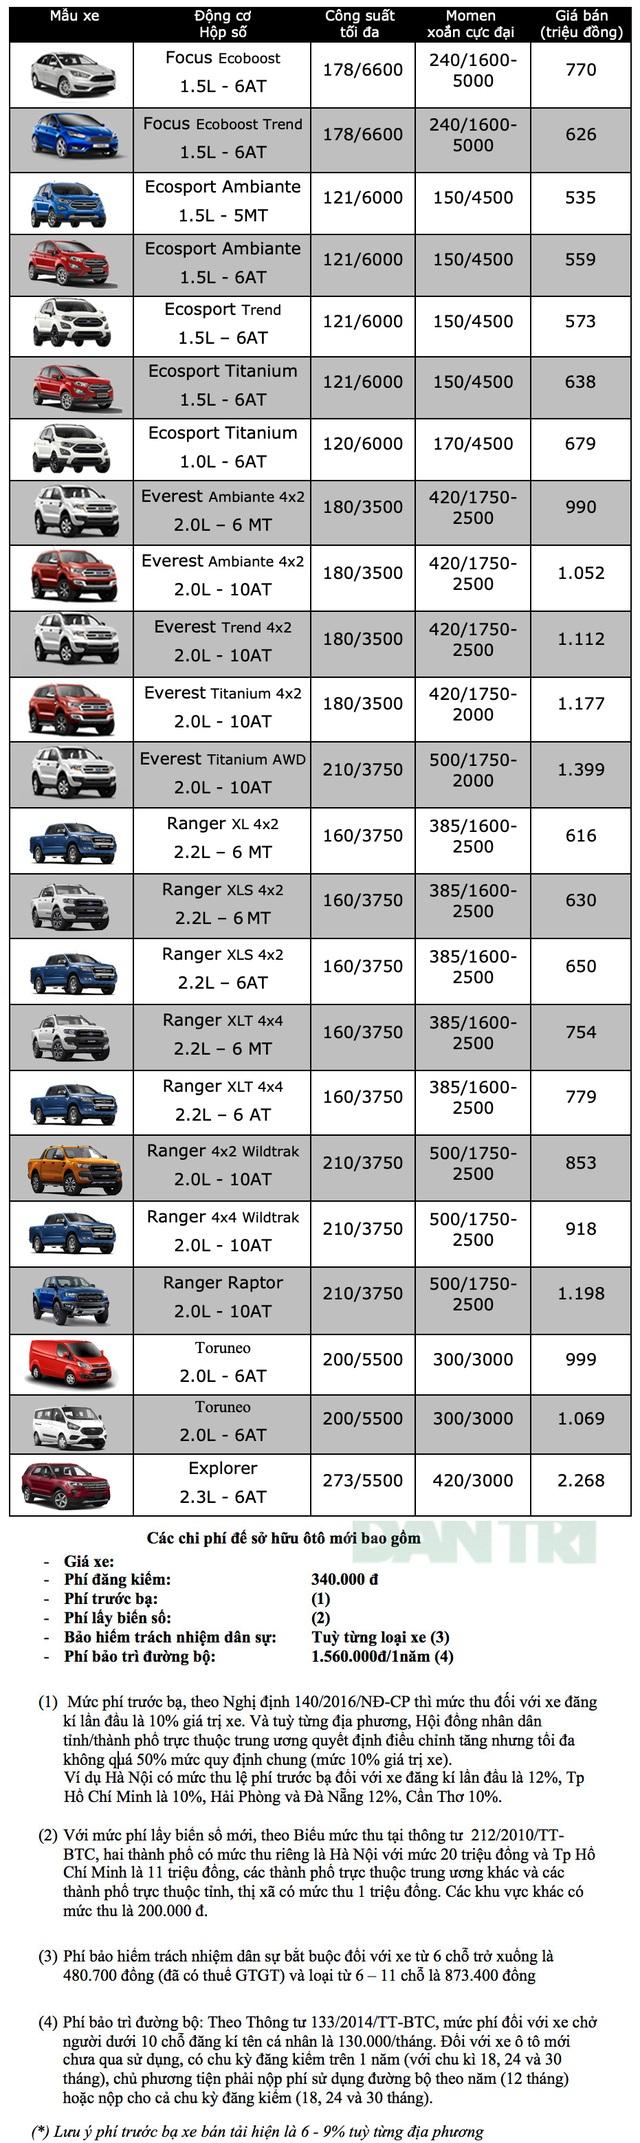 Bảng giá Ford cập nhật tháng 10/2019 - 1